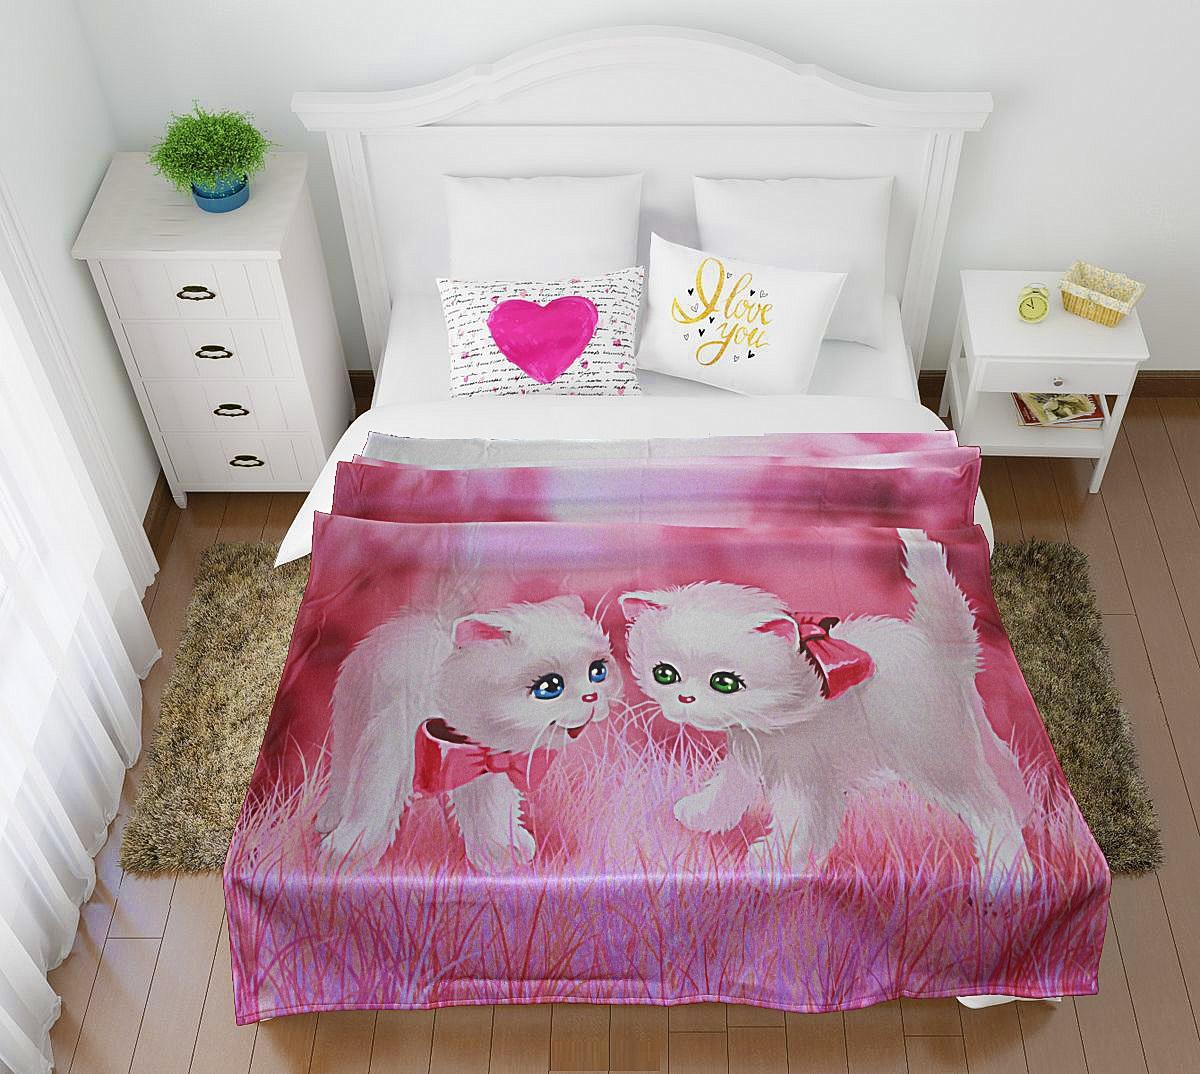 Купить Покрывала, подушки, одеяла для малышей Elegante, Детский плед Пушистики (150х200 см), Россия, Синтетический флис